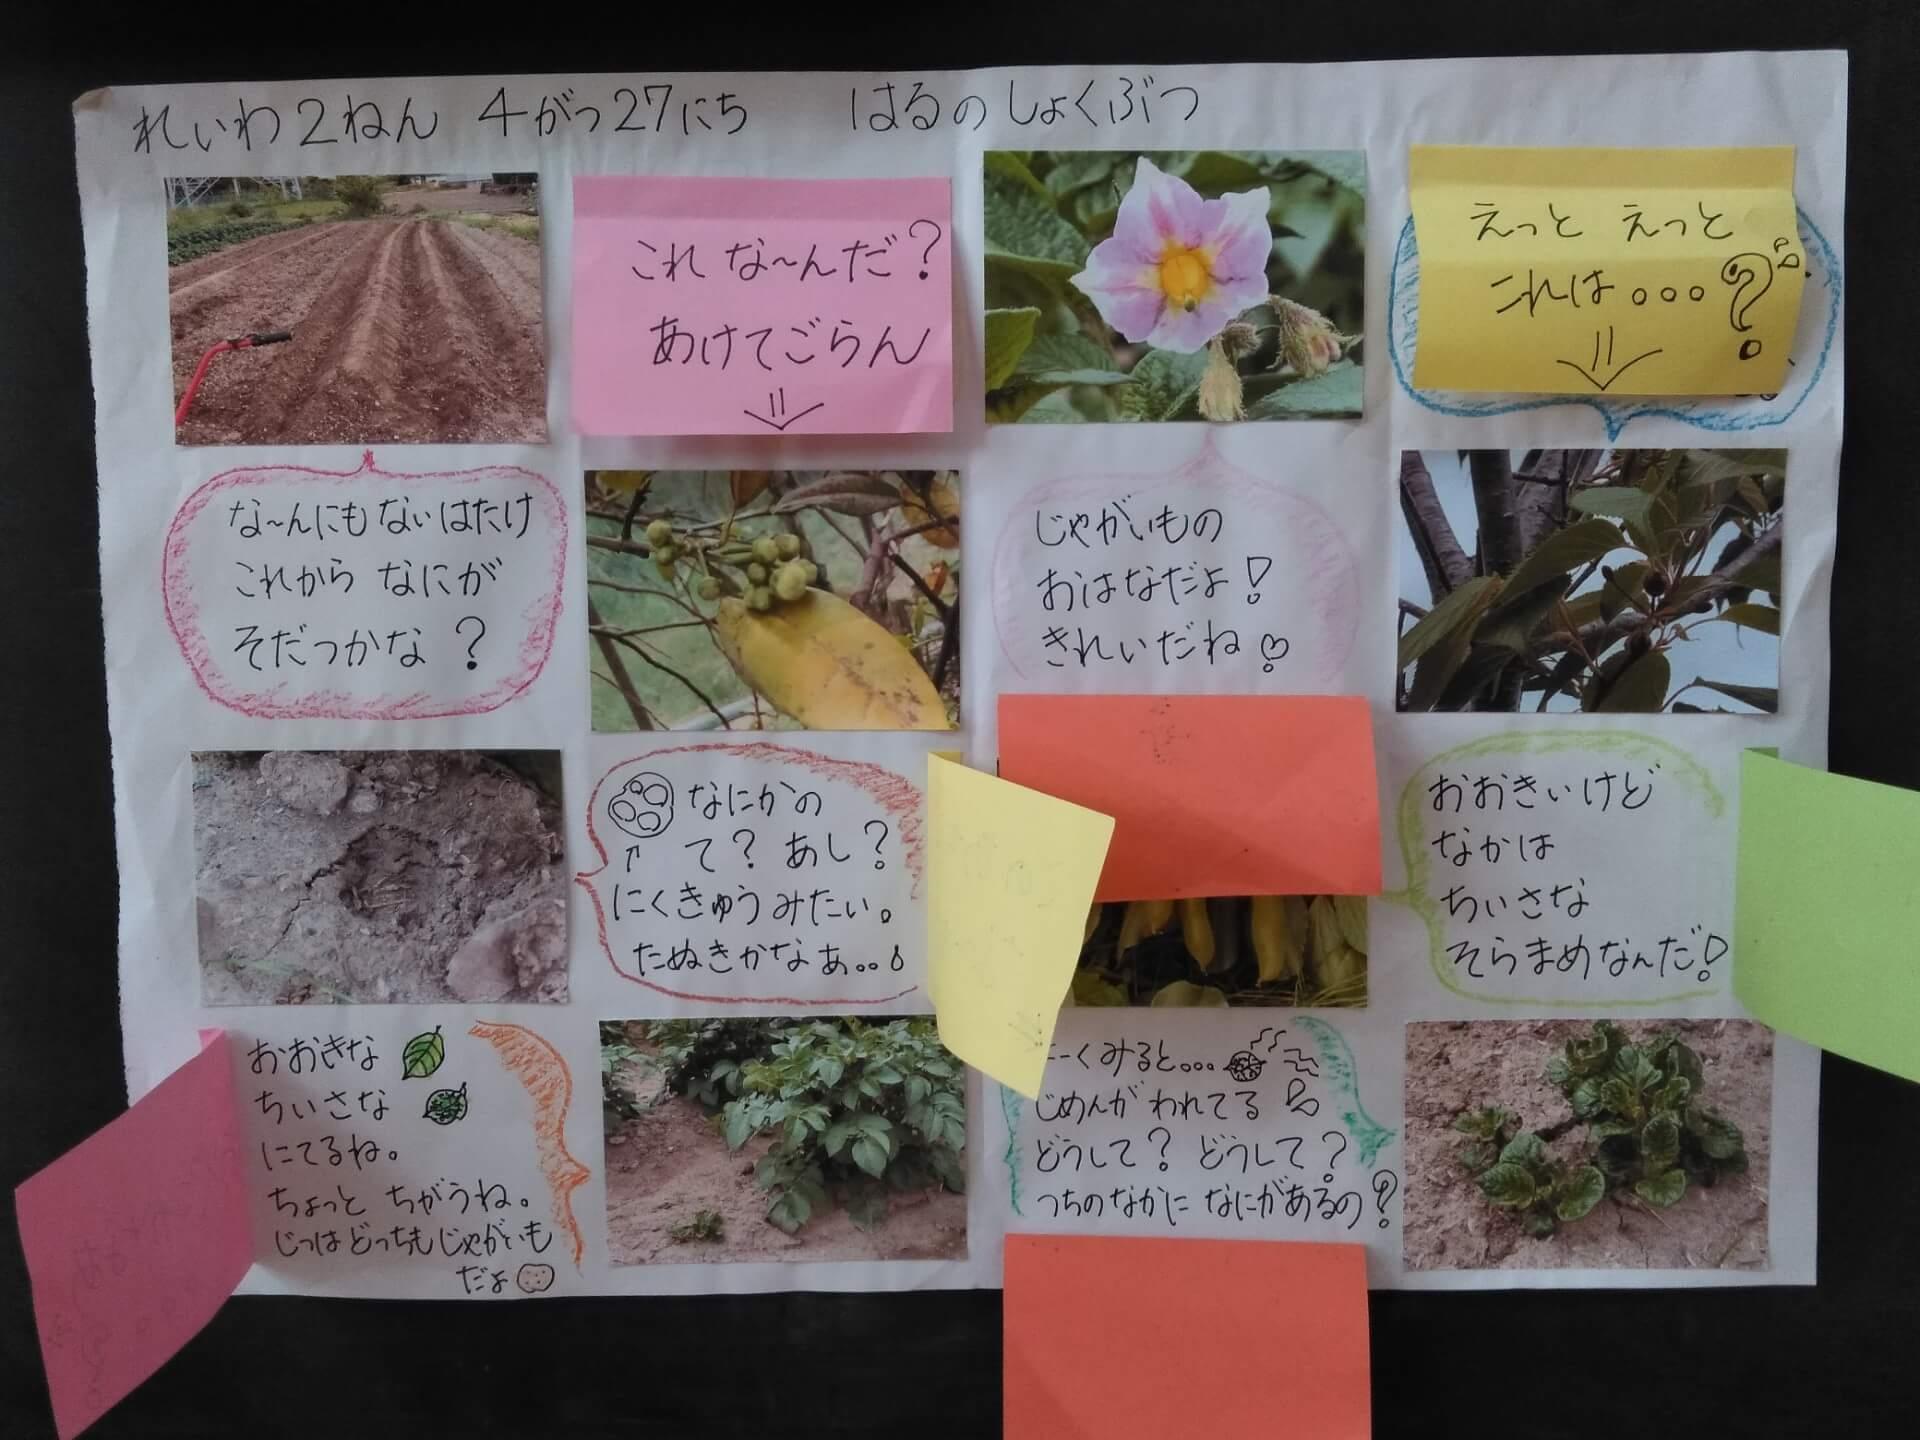 植物の情報掲示物